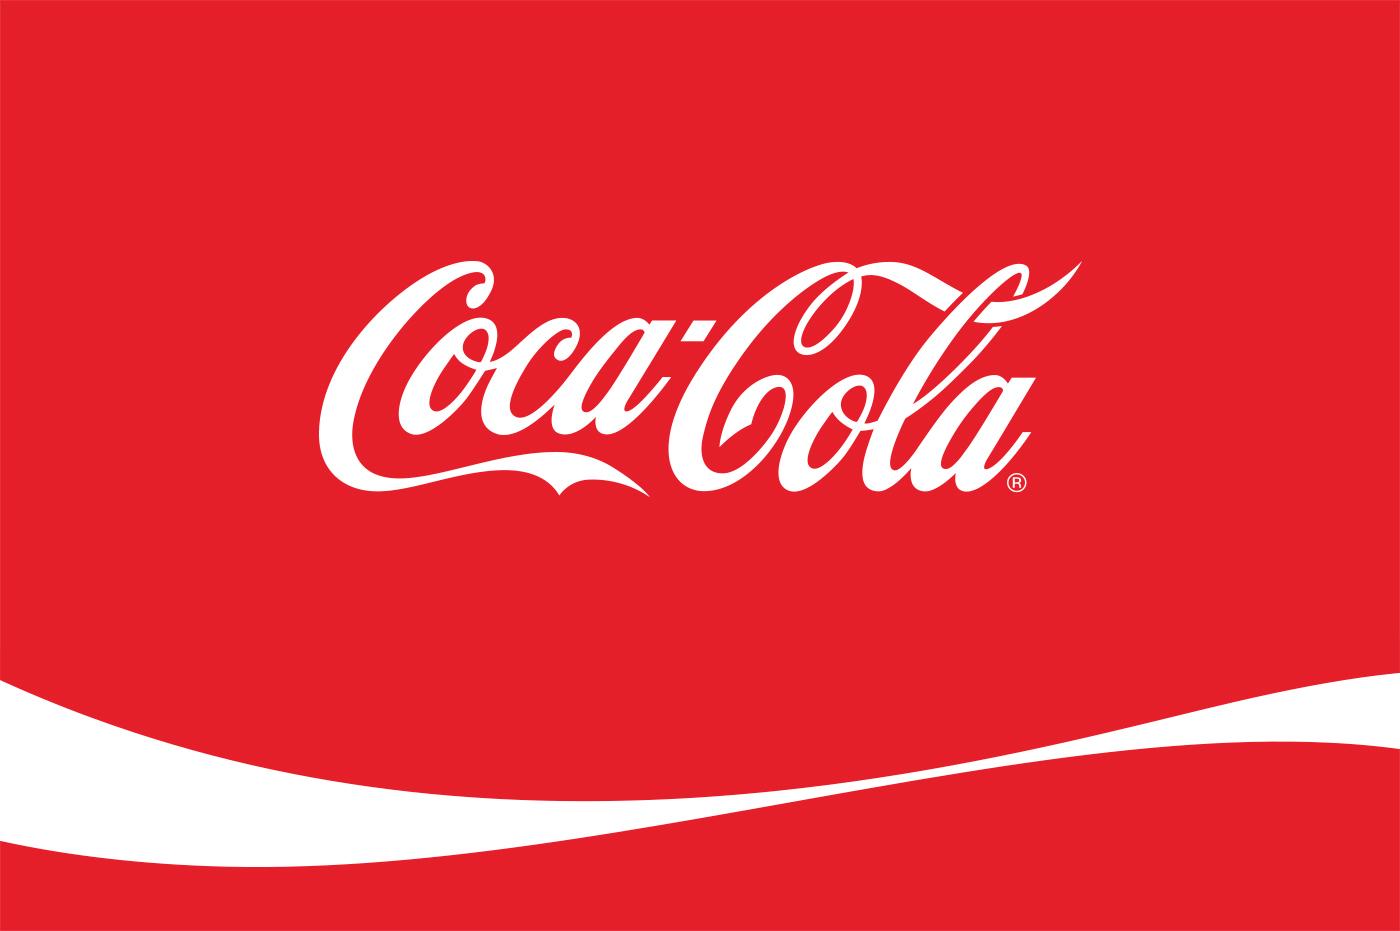 The Coca - Cola Company